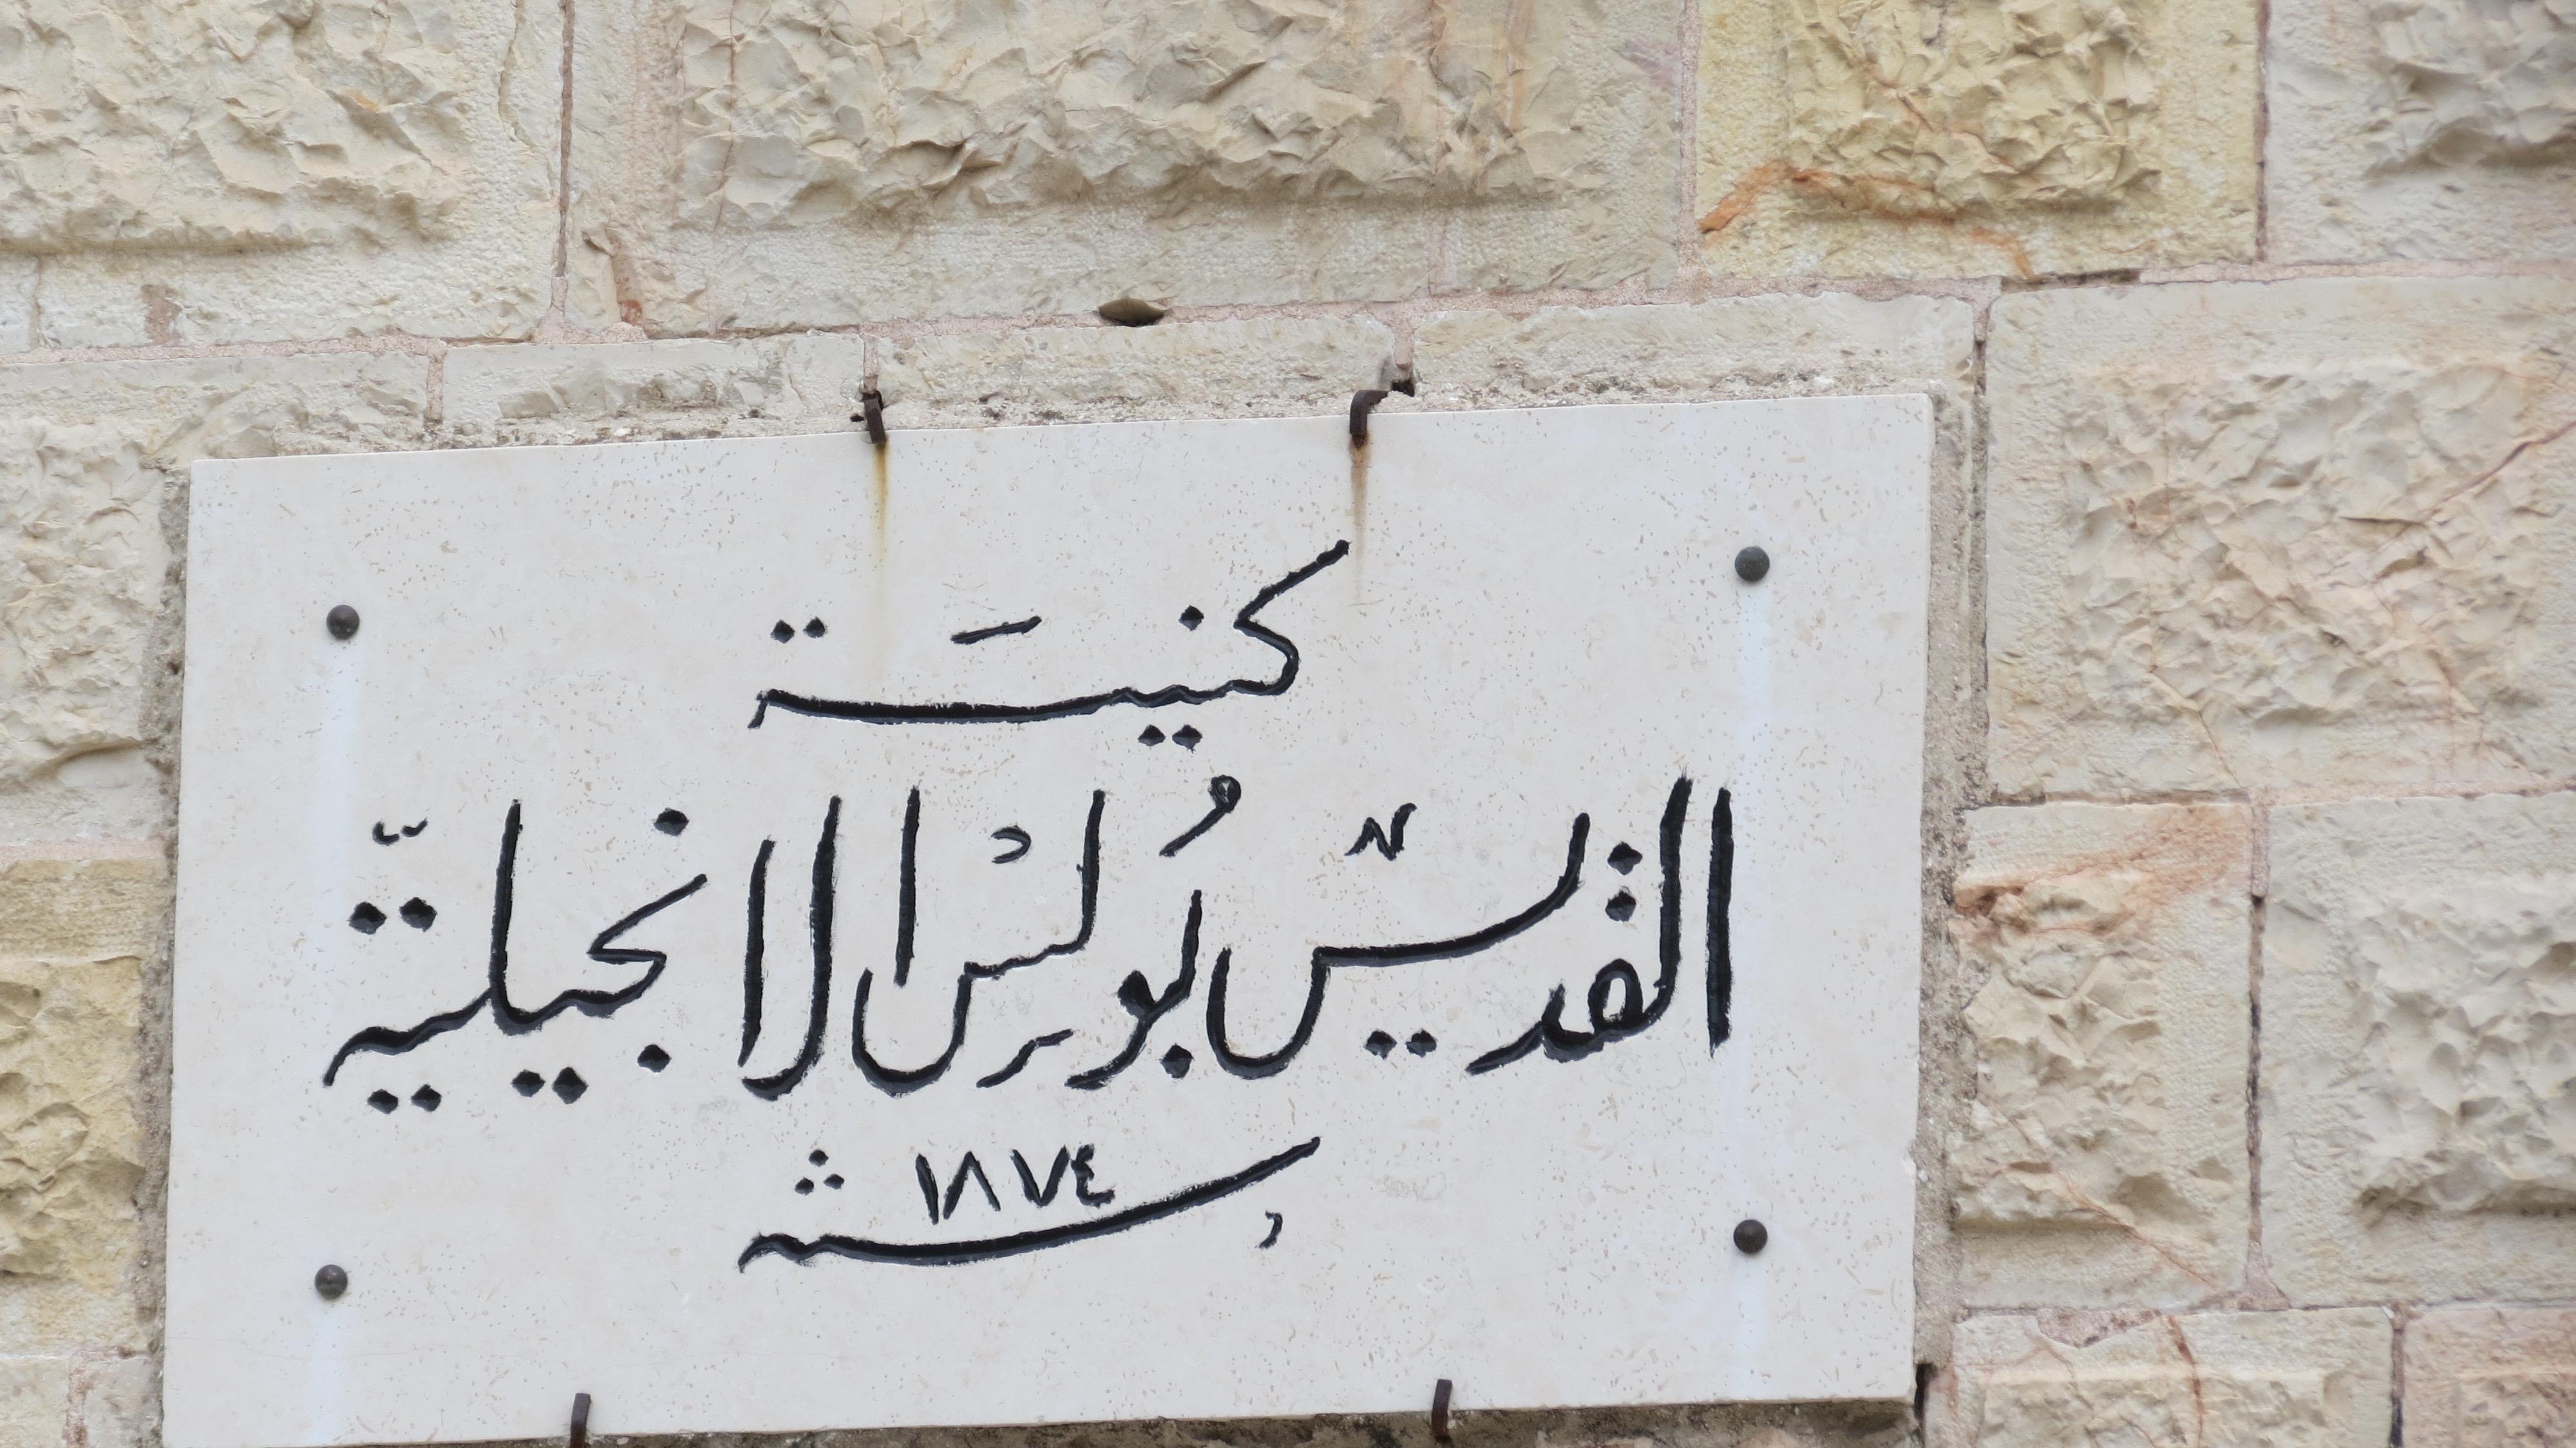 כנסיית סנט פול (פאולוס) ירושלים